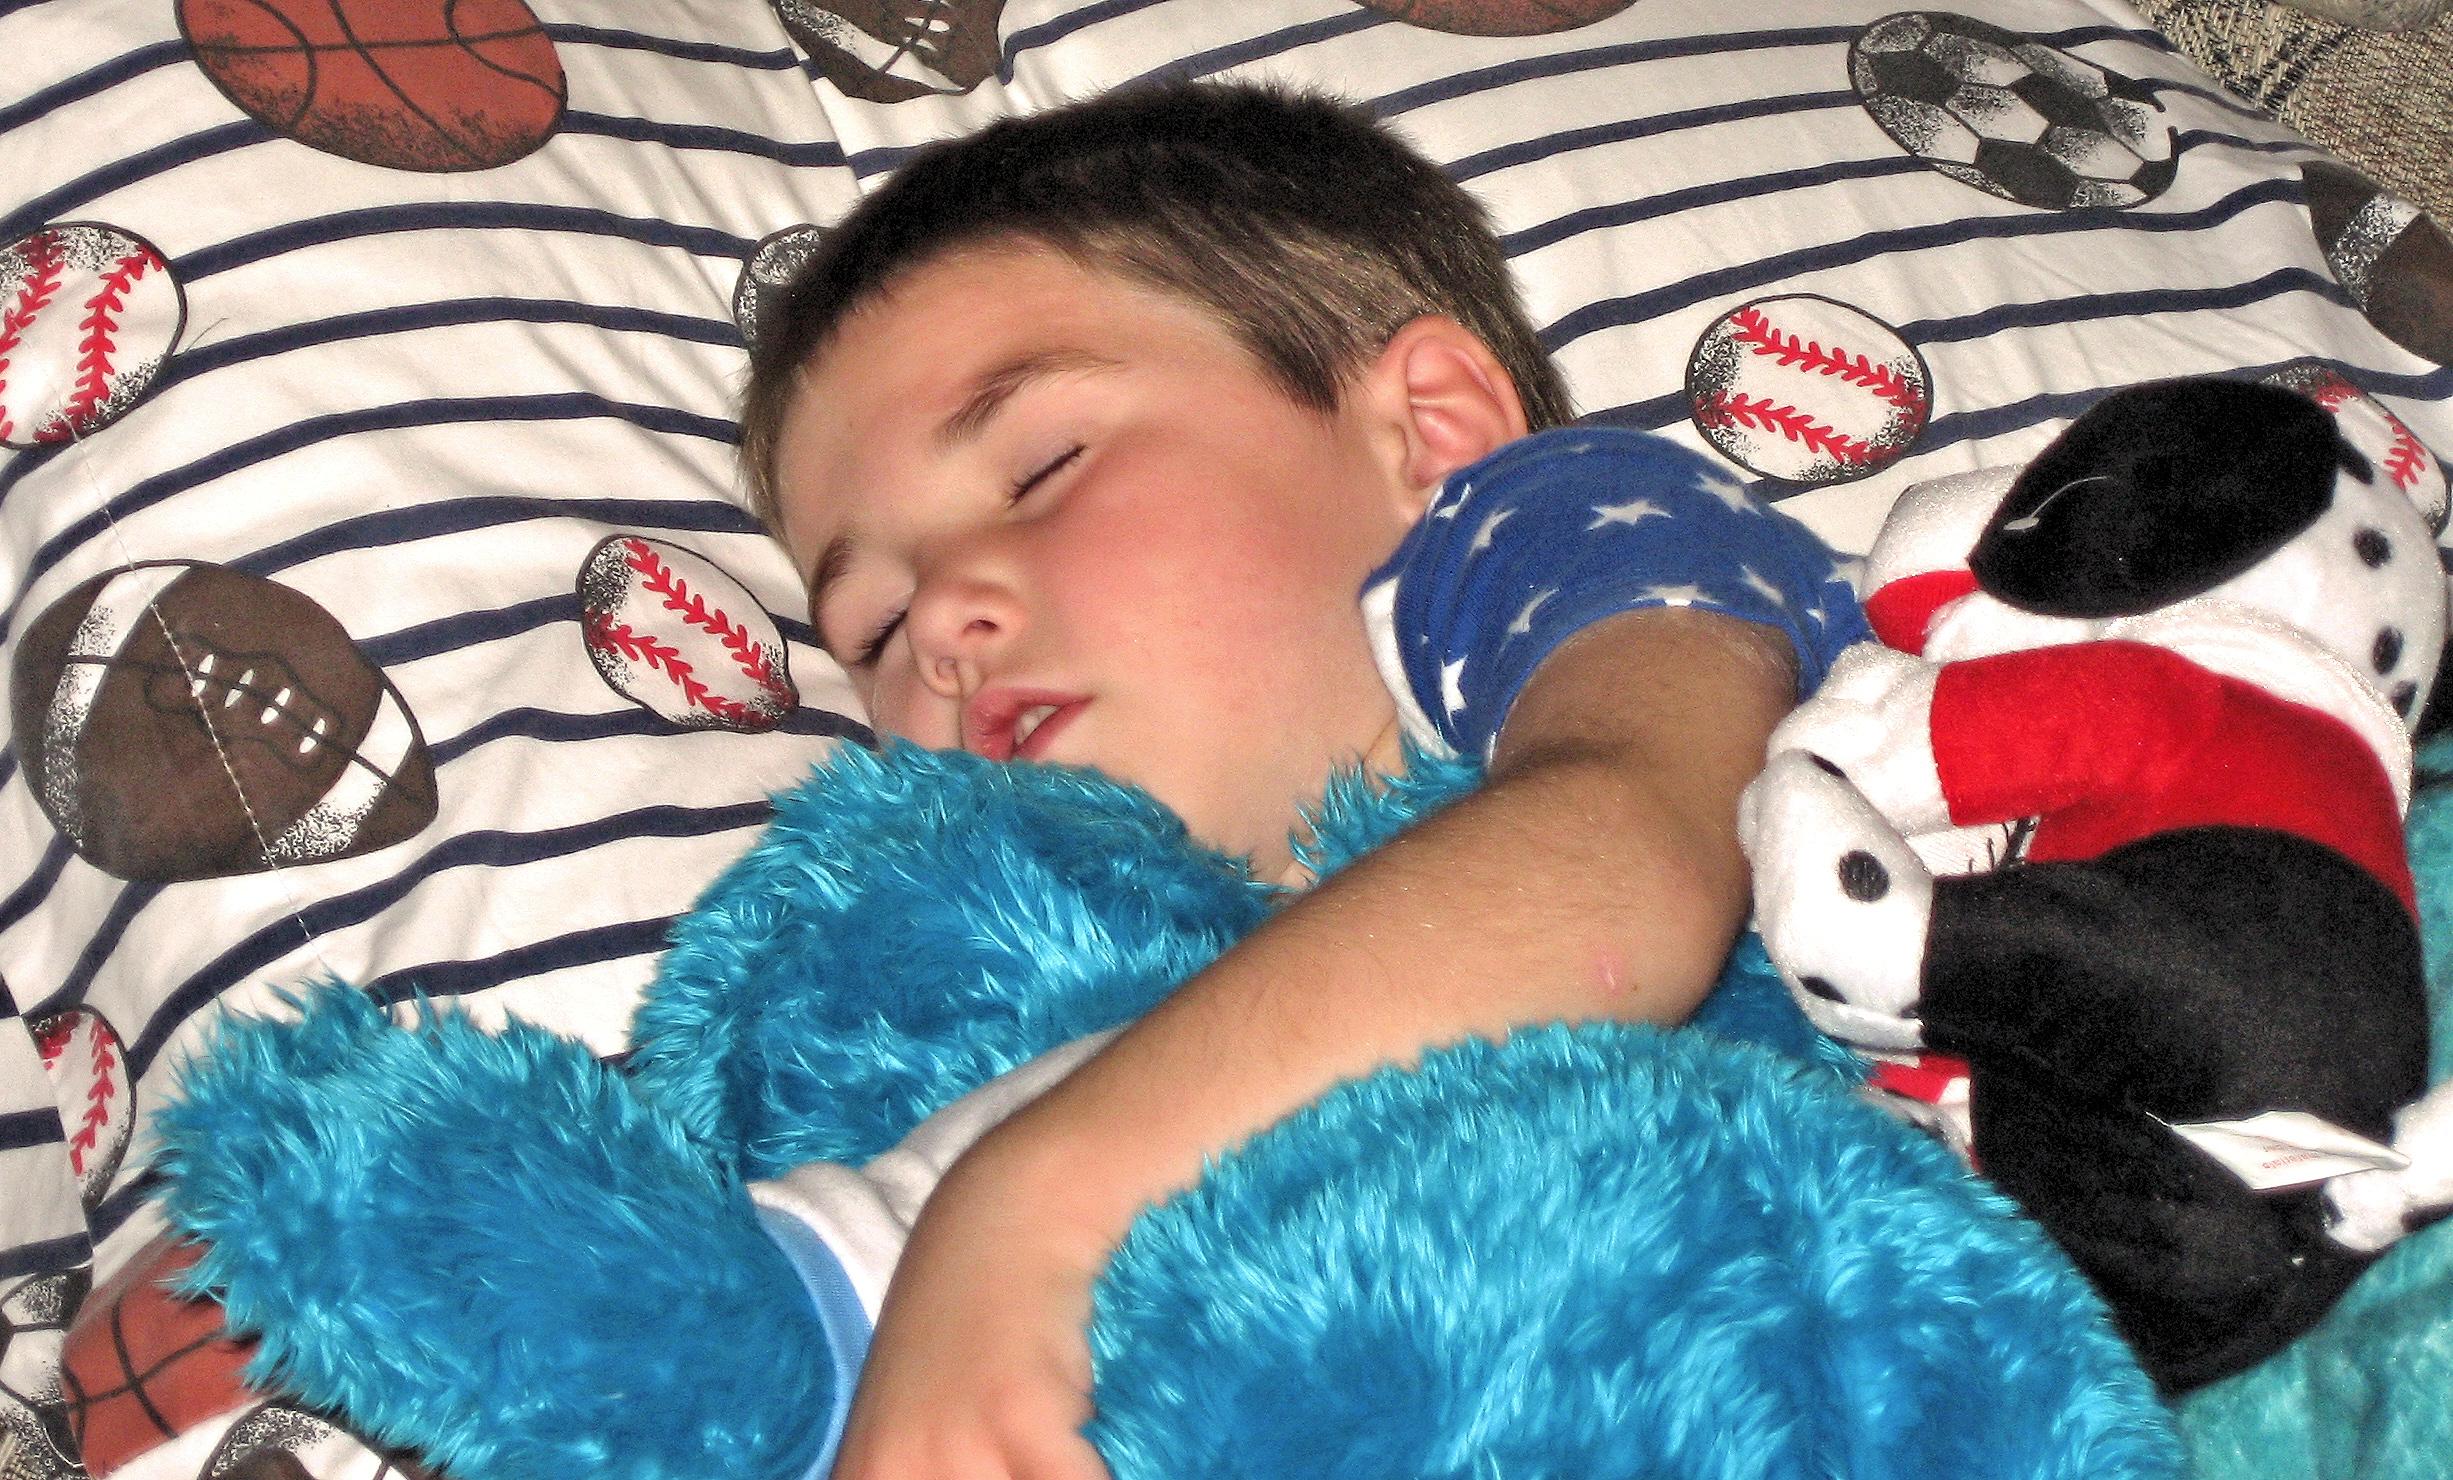 Los niños también duermen peor si sus madres tienen insomnio